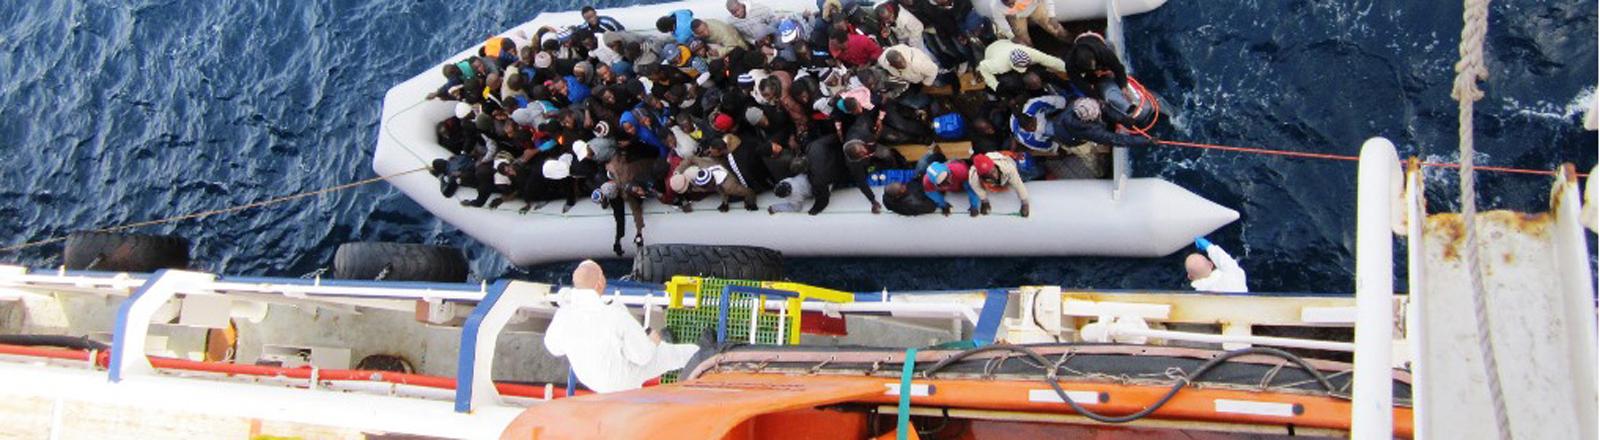 """Die Aufnahme vom 05.02.2015 zeigt ein Flüchtlingsboot neben dem Frachtschiff """"OOC Cougar""""."""